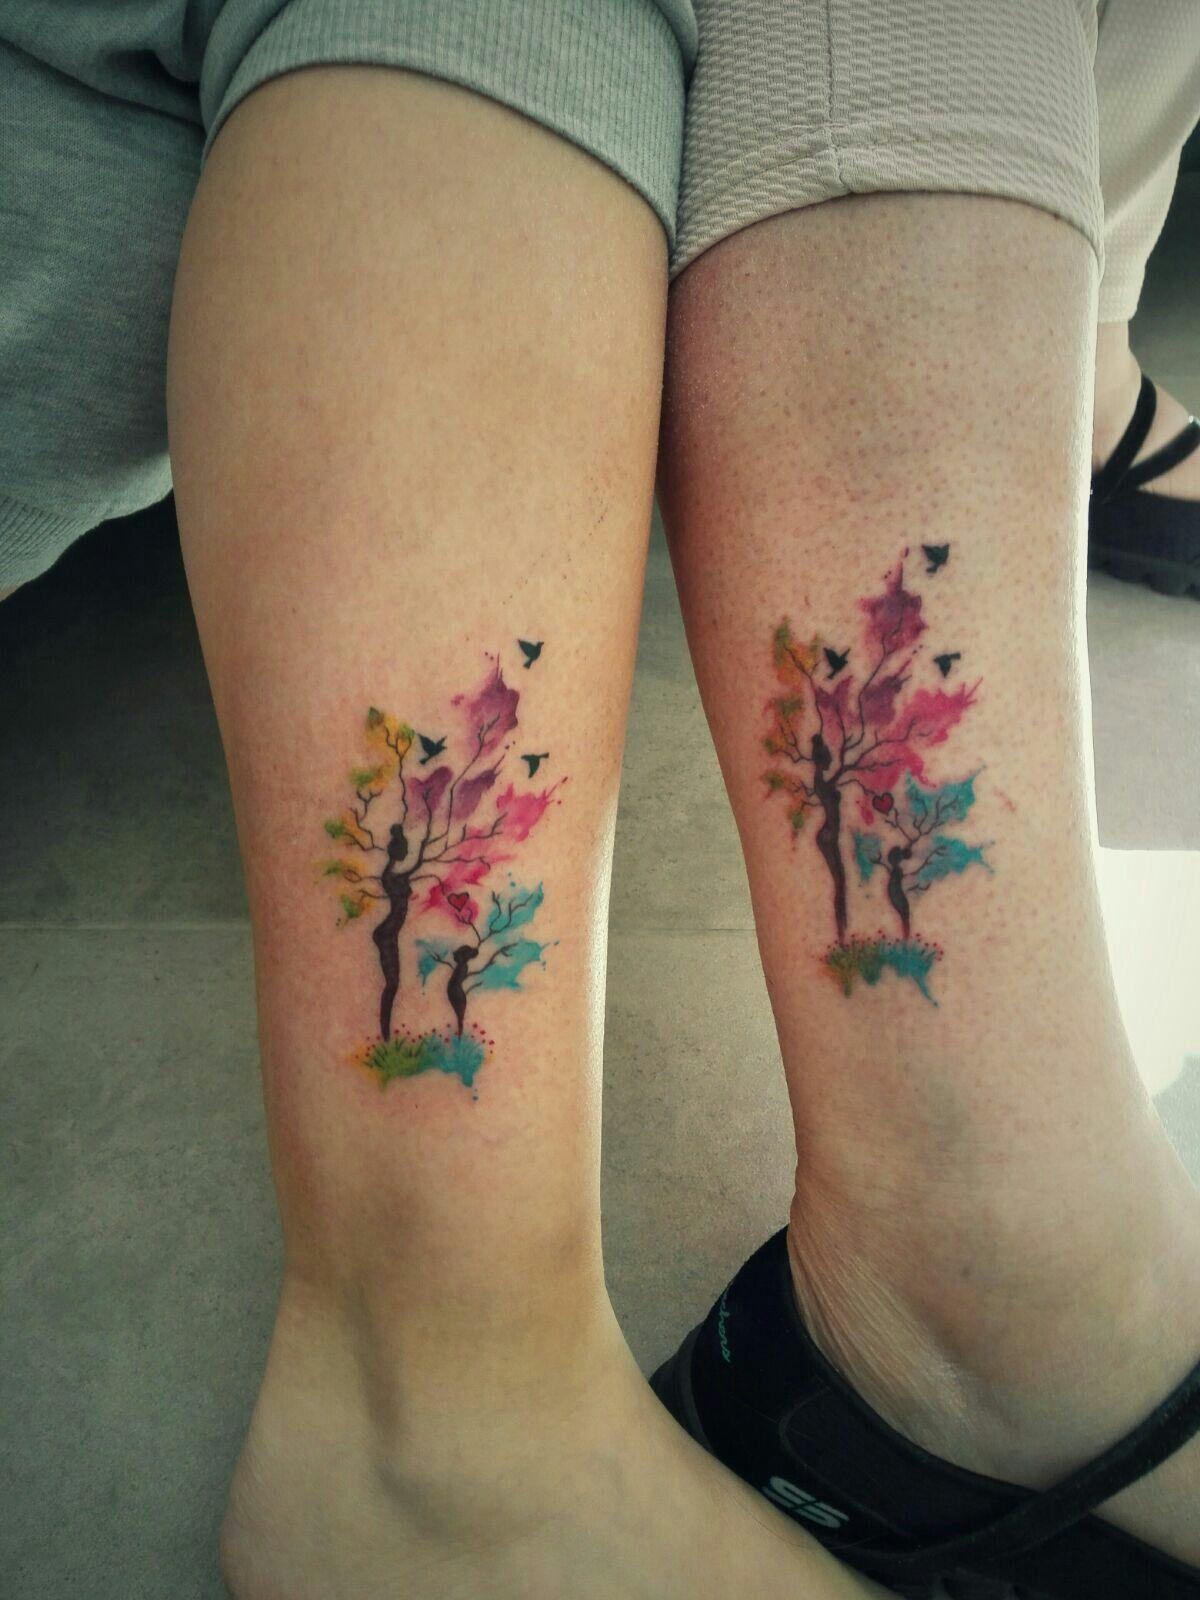 Tatuaje De Madre E Hija Cotina 1 Tatuaje Madre E Hija Tatuajes